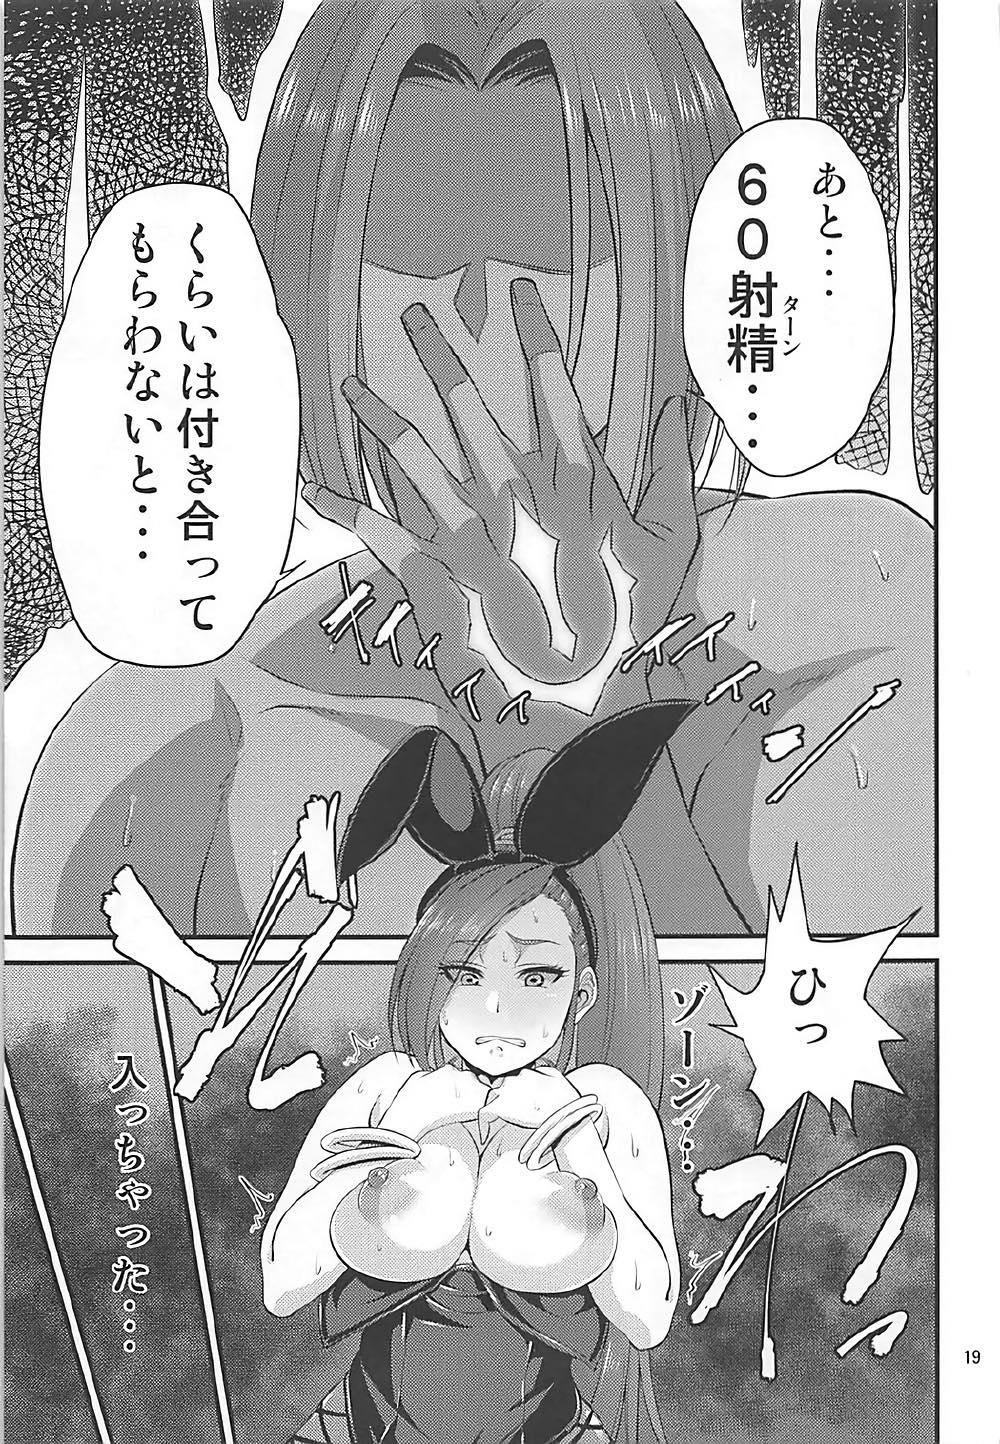 【エロ同人誌】性欲旺盛すぎる勇者をマルティナお姉ちゃんが夜這い&逆レイプwww【 ドラゴンクエスト/C93】